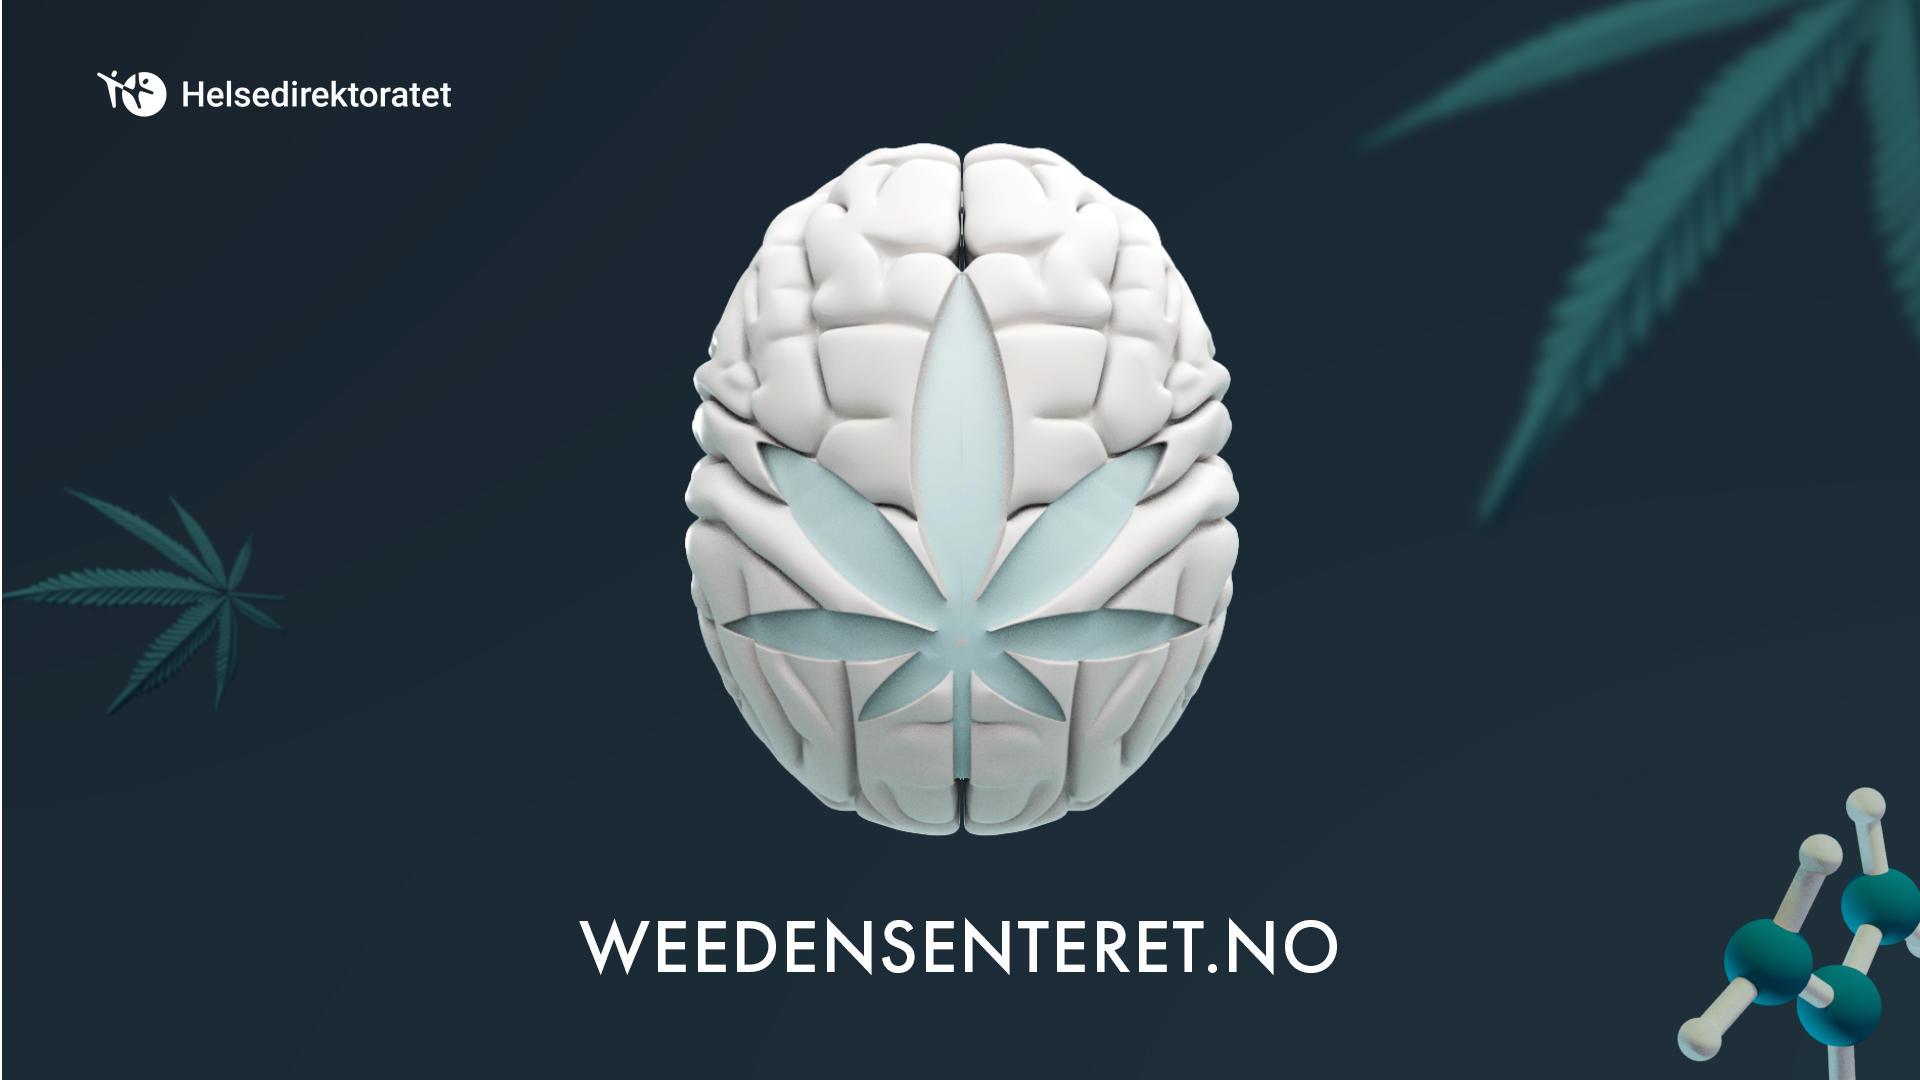 Helsedirektoratet Vil Gi Ungdom Noktern Info Om Cannabis Fagradet Rusfeltets Hovedorganisasjon